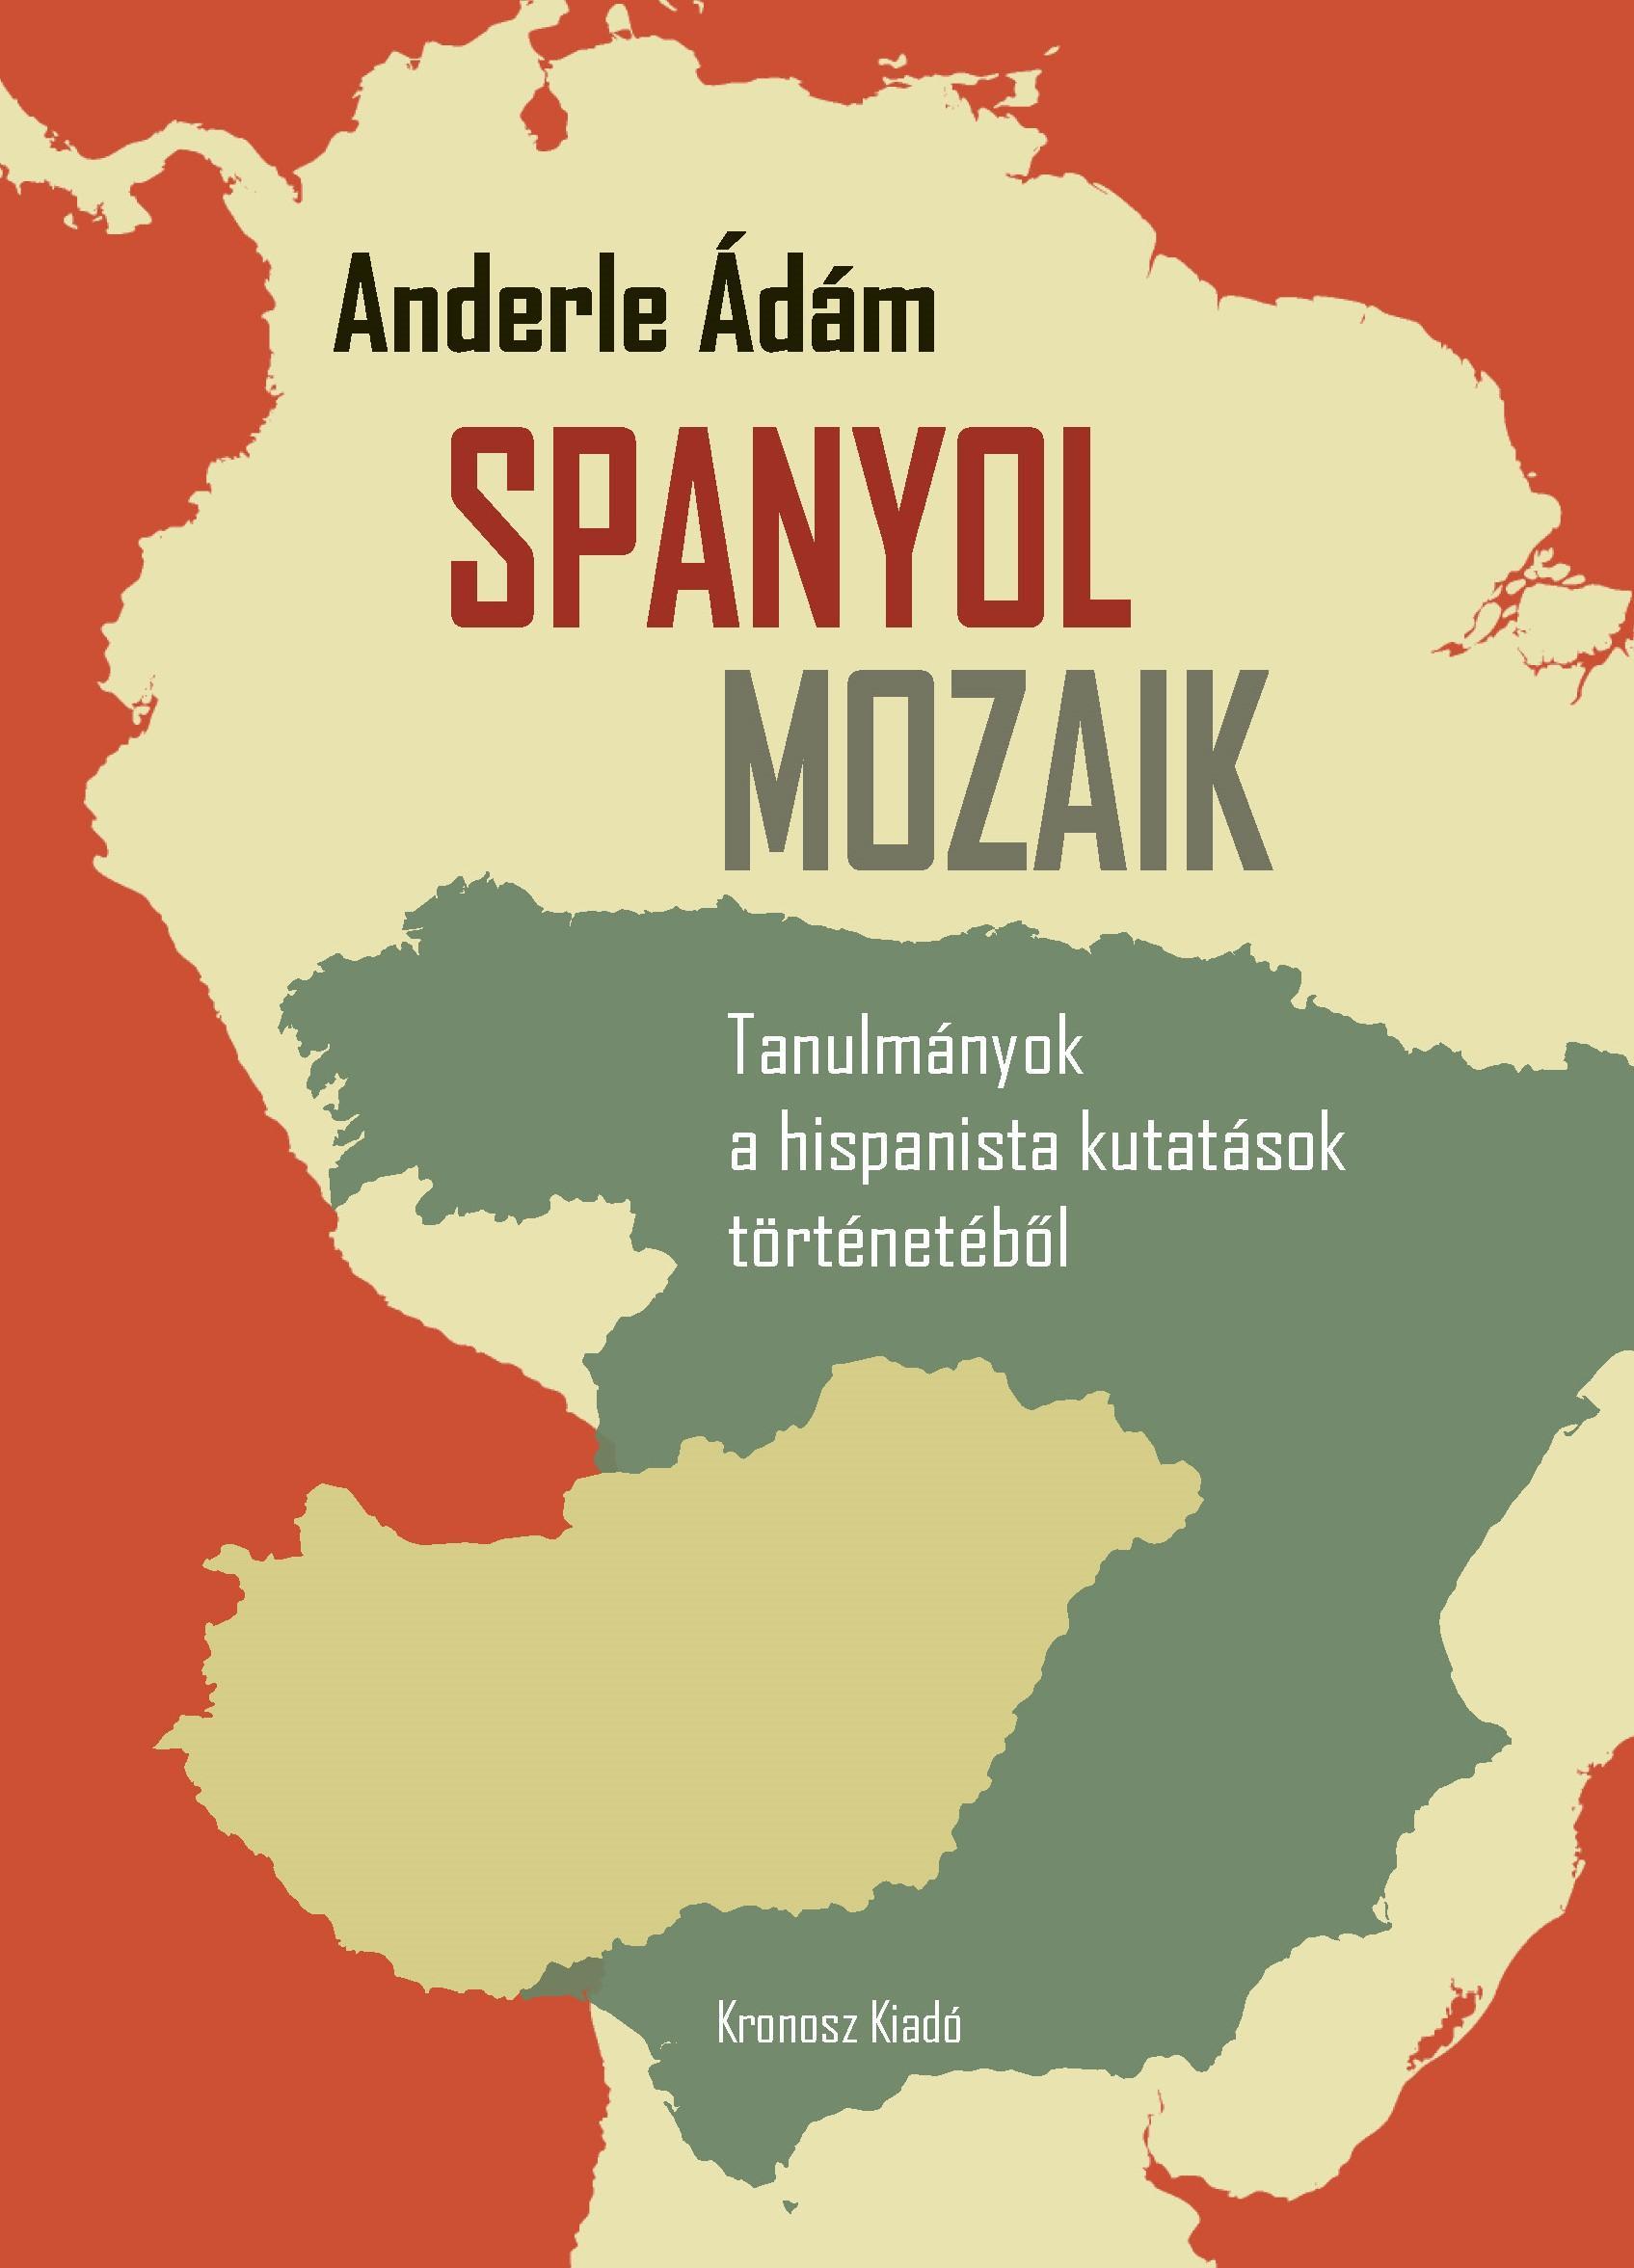 SPANYOL MOZAIK - TANULMÁNYOK A HISPANISTA KUTATÁSOK TÖRTÉNETÉBŐL